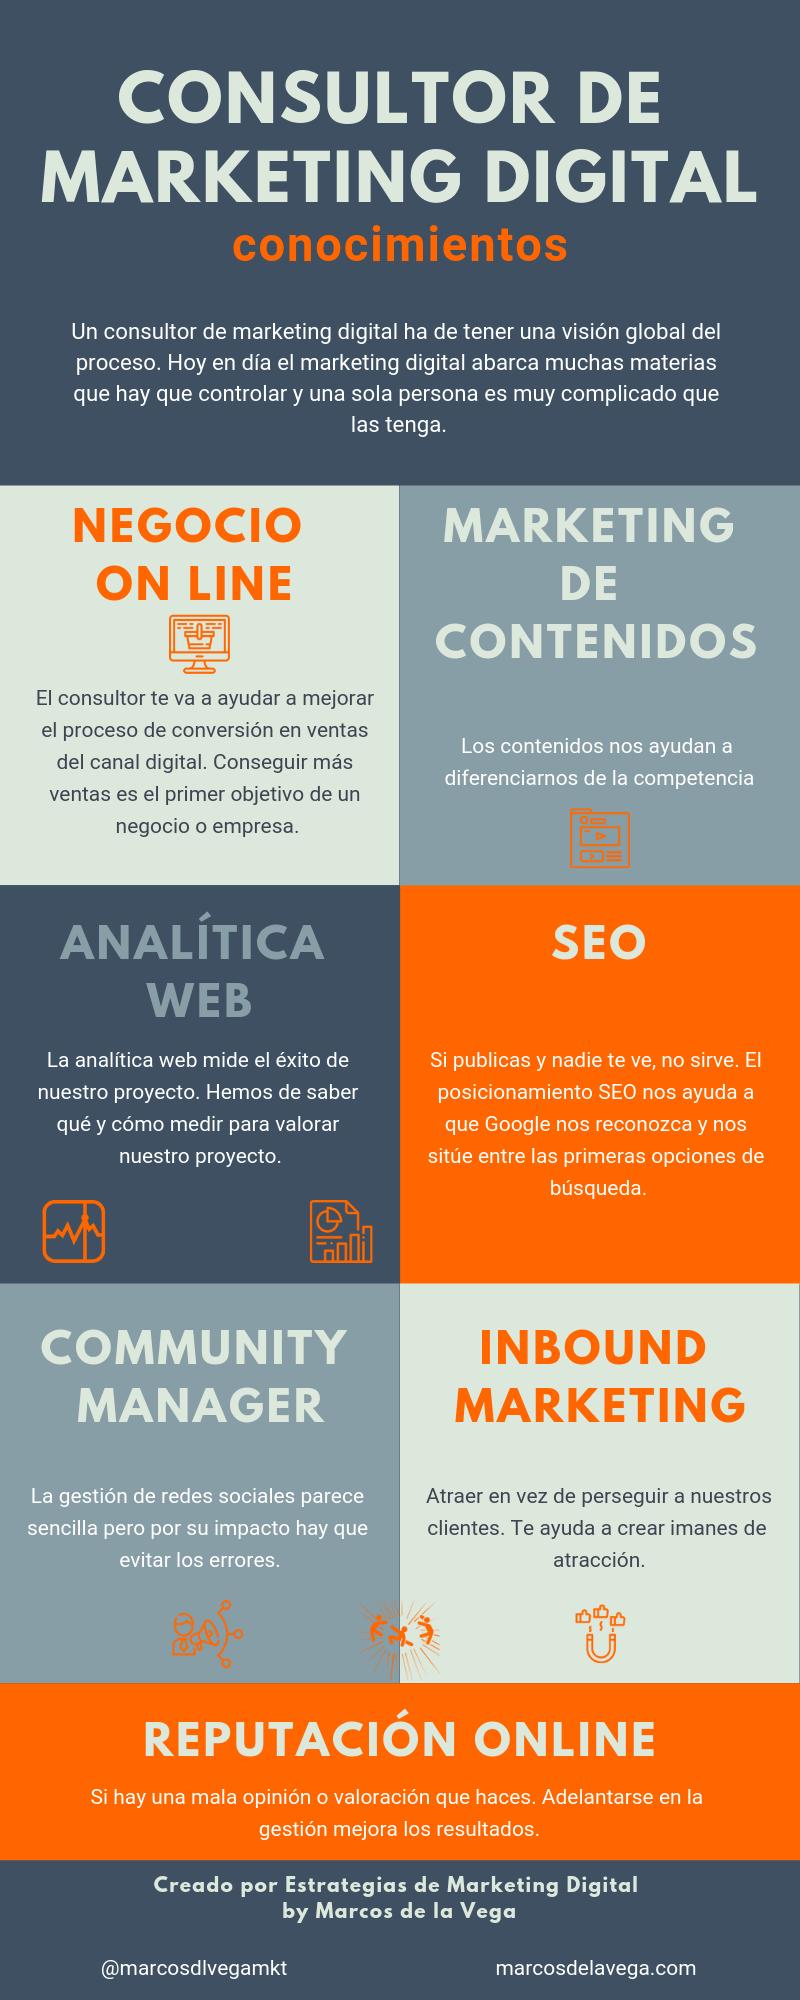 Consultor de Marketing Digital: conocimientos